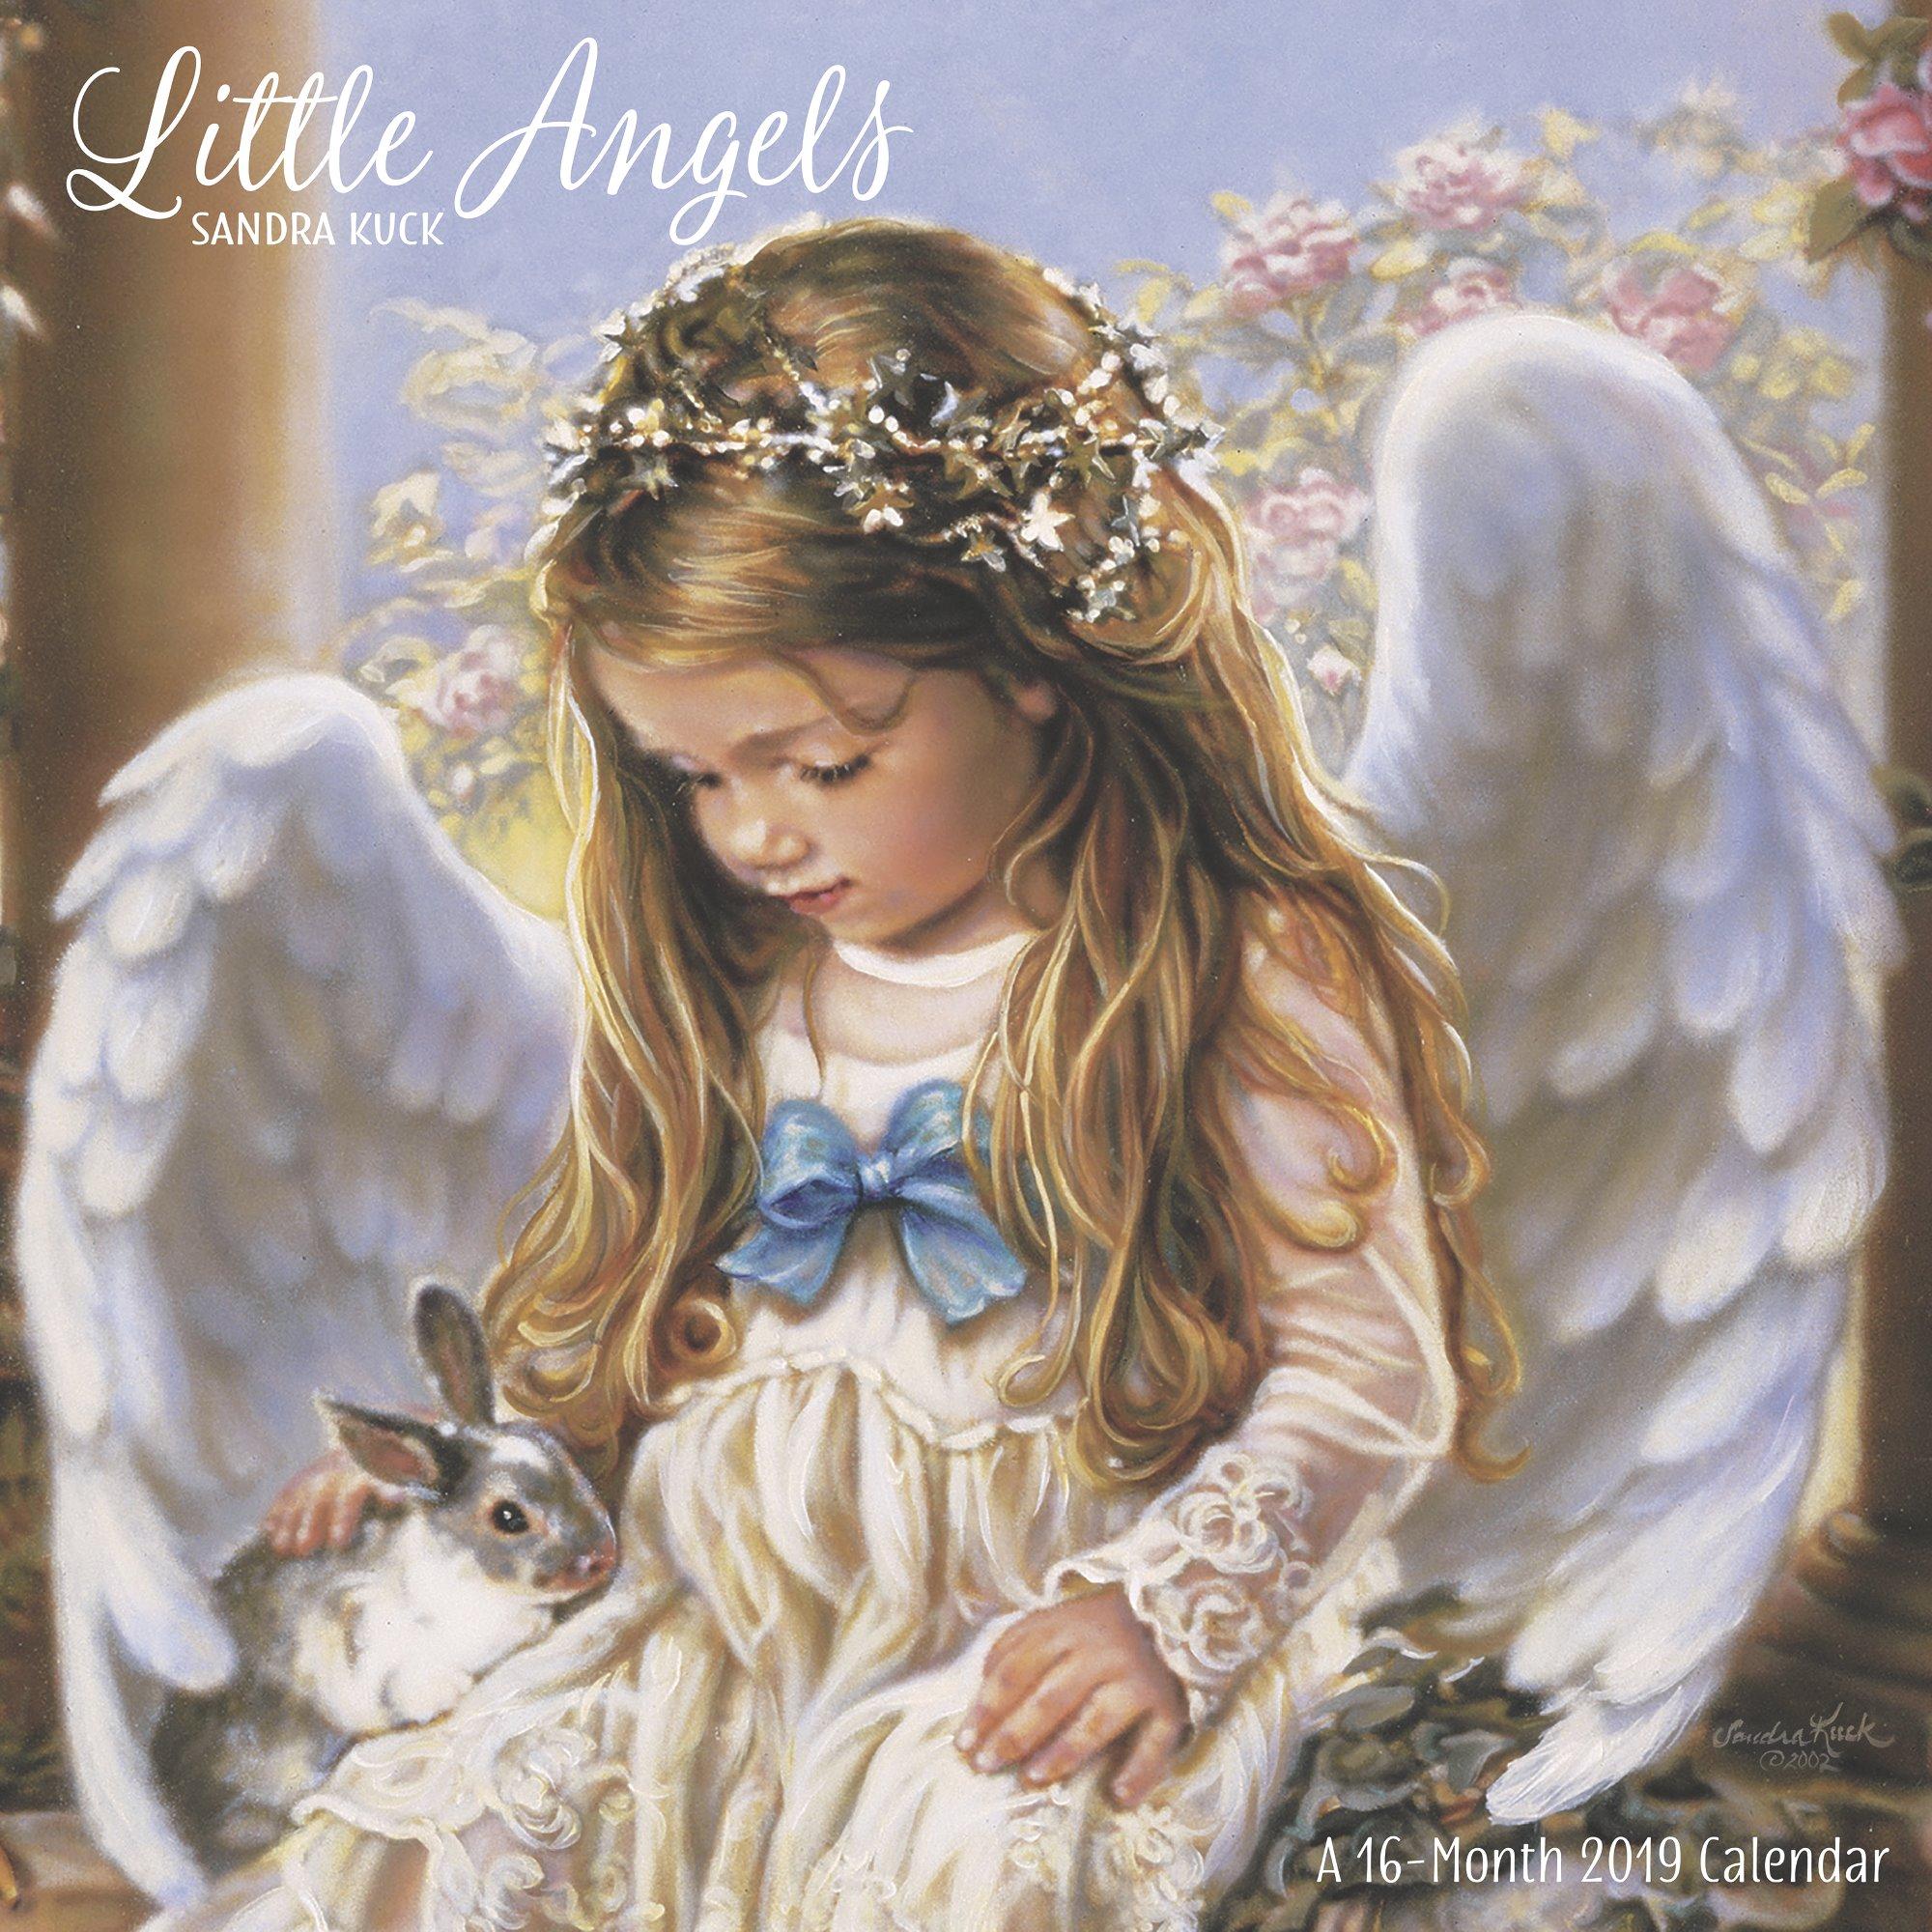 Mead Sandra Kuck Little Angels Wall Calendar - Wall Calendars